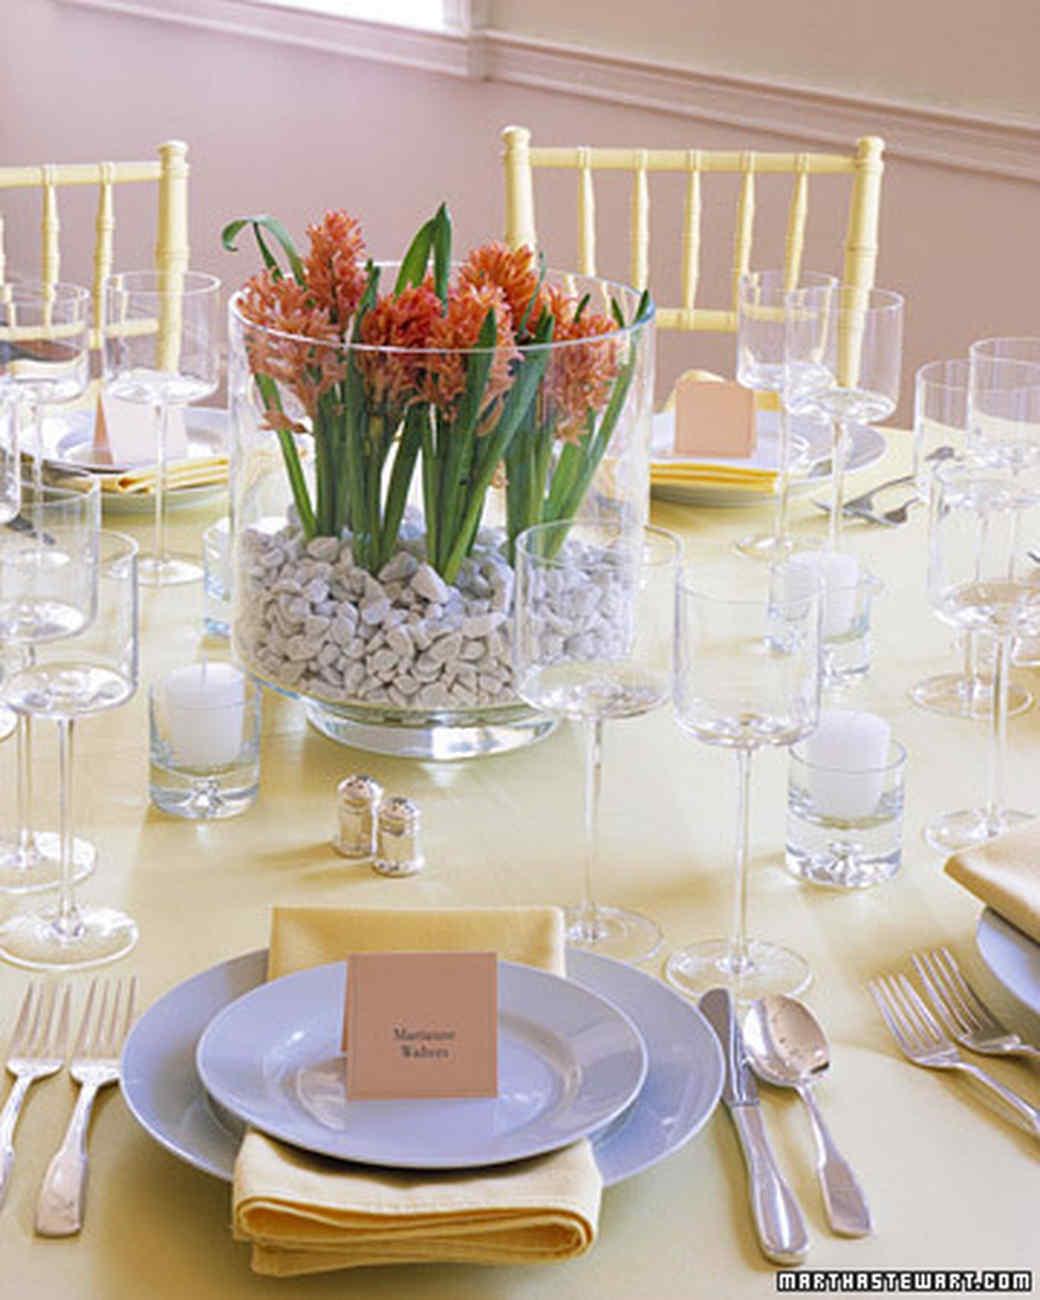 Martha Stewart Wedding Flowers Centerpieces : Hyacinth bulb centerpiece martha stewart